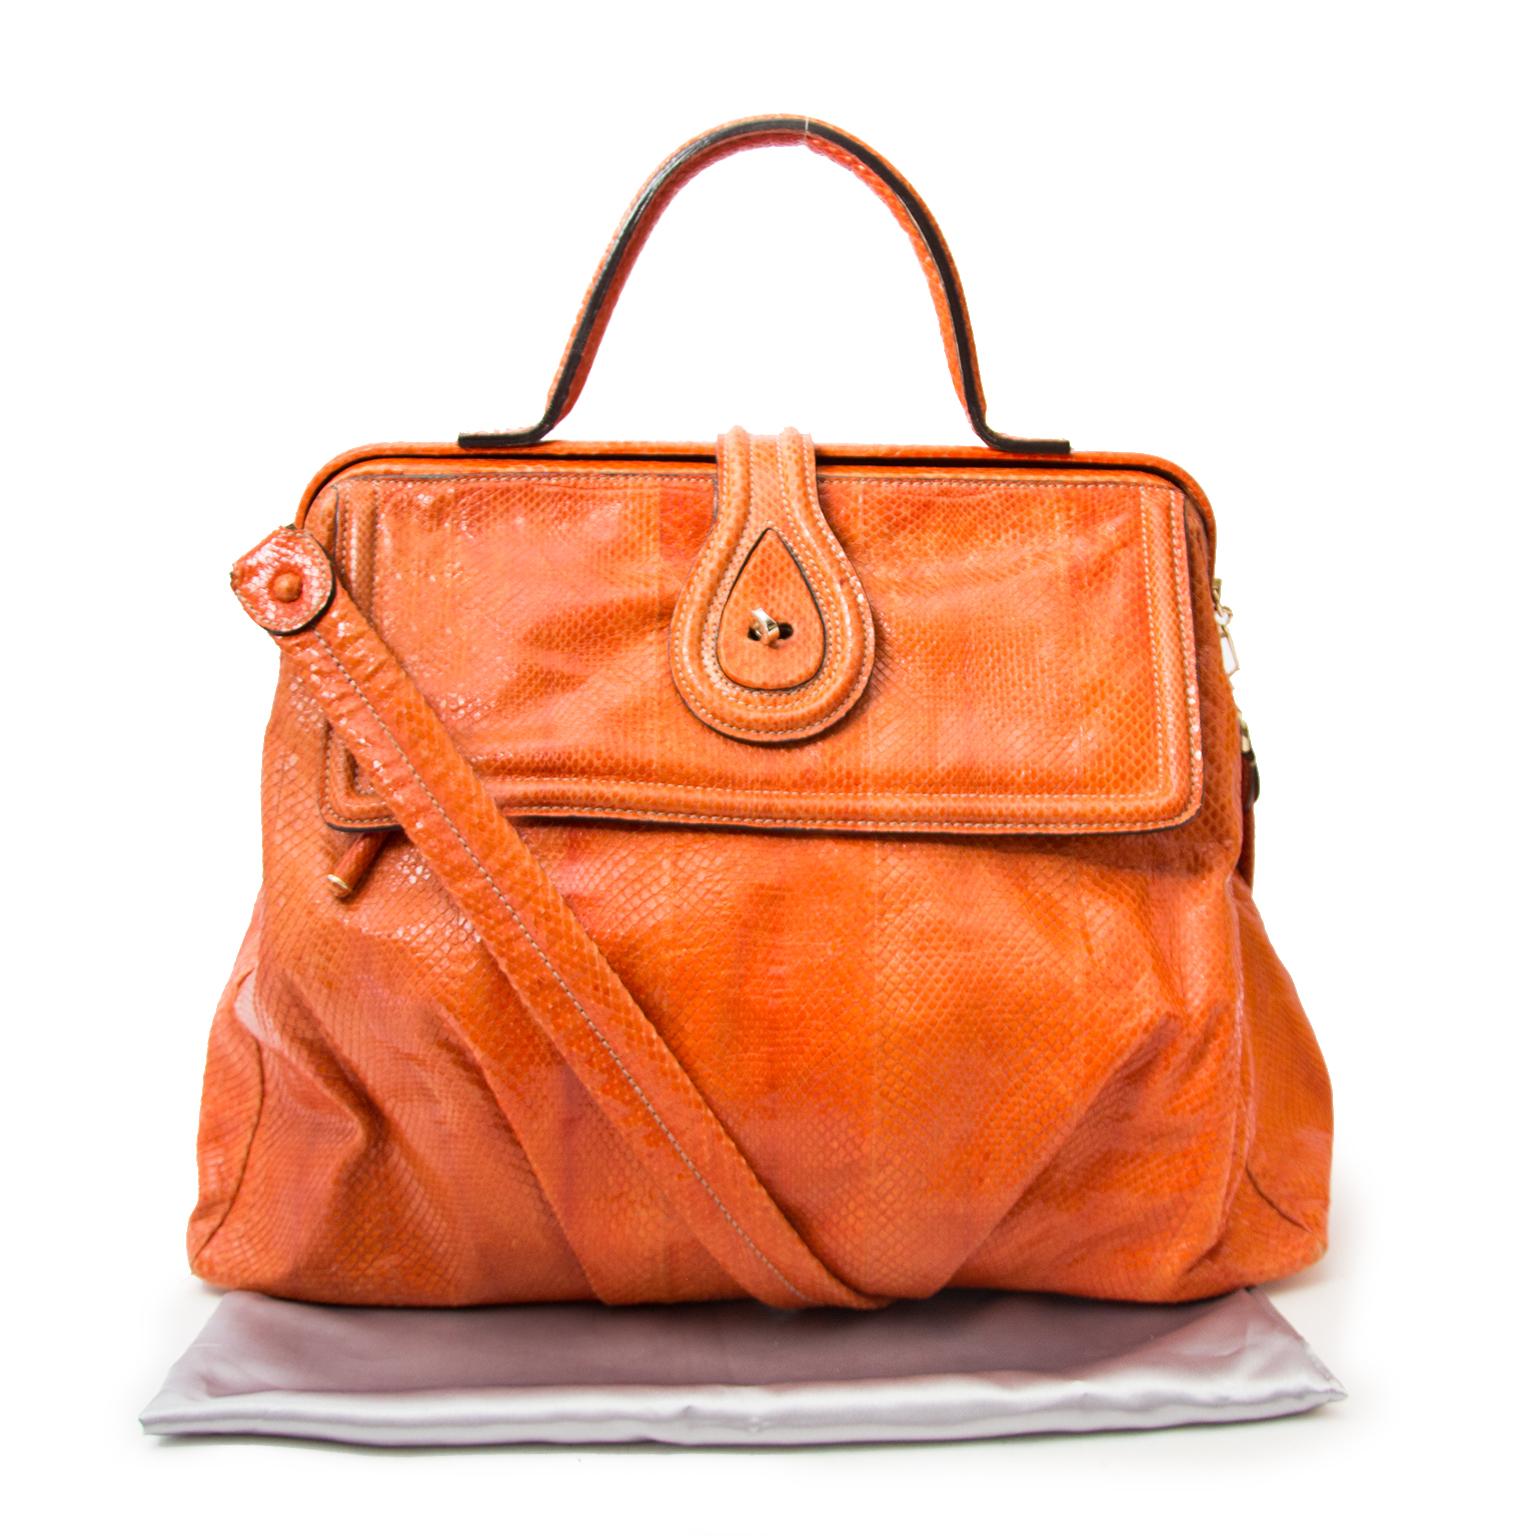 koop veilig online aan de beste prijs jou tweedehands Zagliani Orange Python Large Hobo Bag